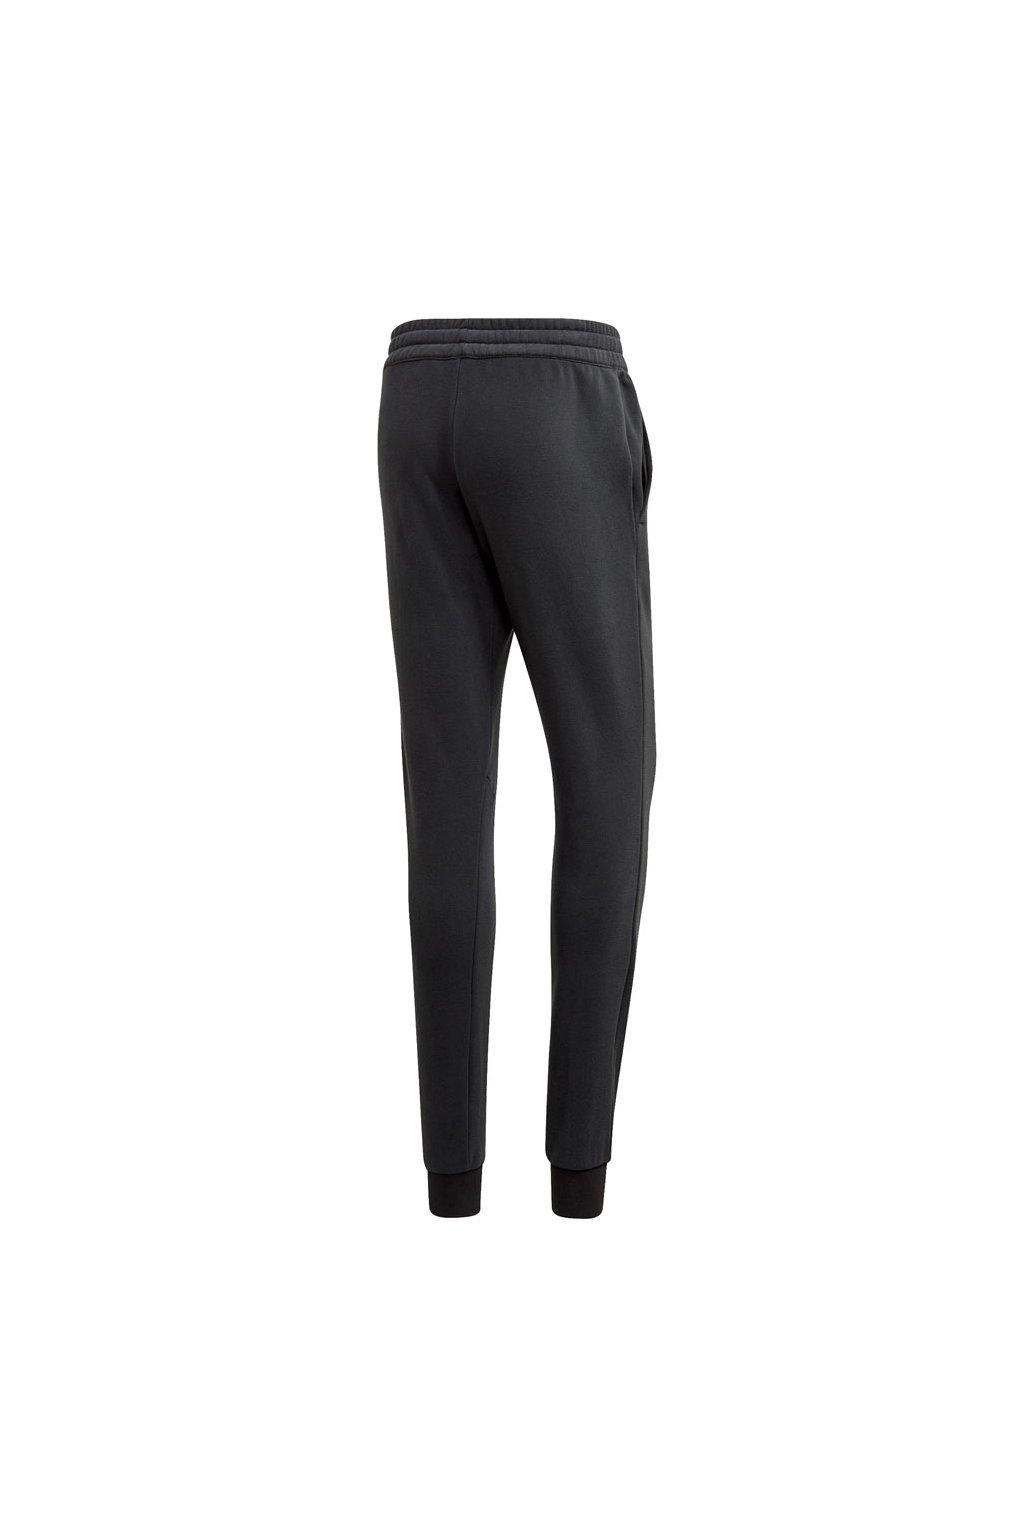 Pánske nohavice Adidas Brilliant Basics čierne GD3868